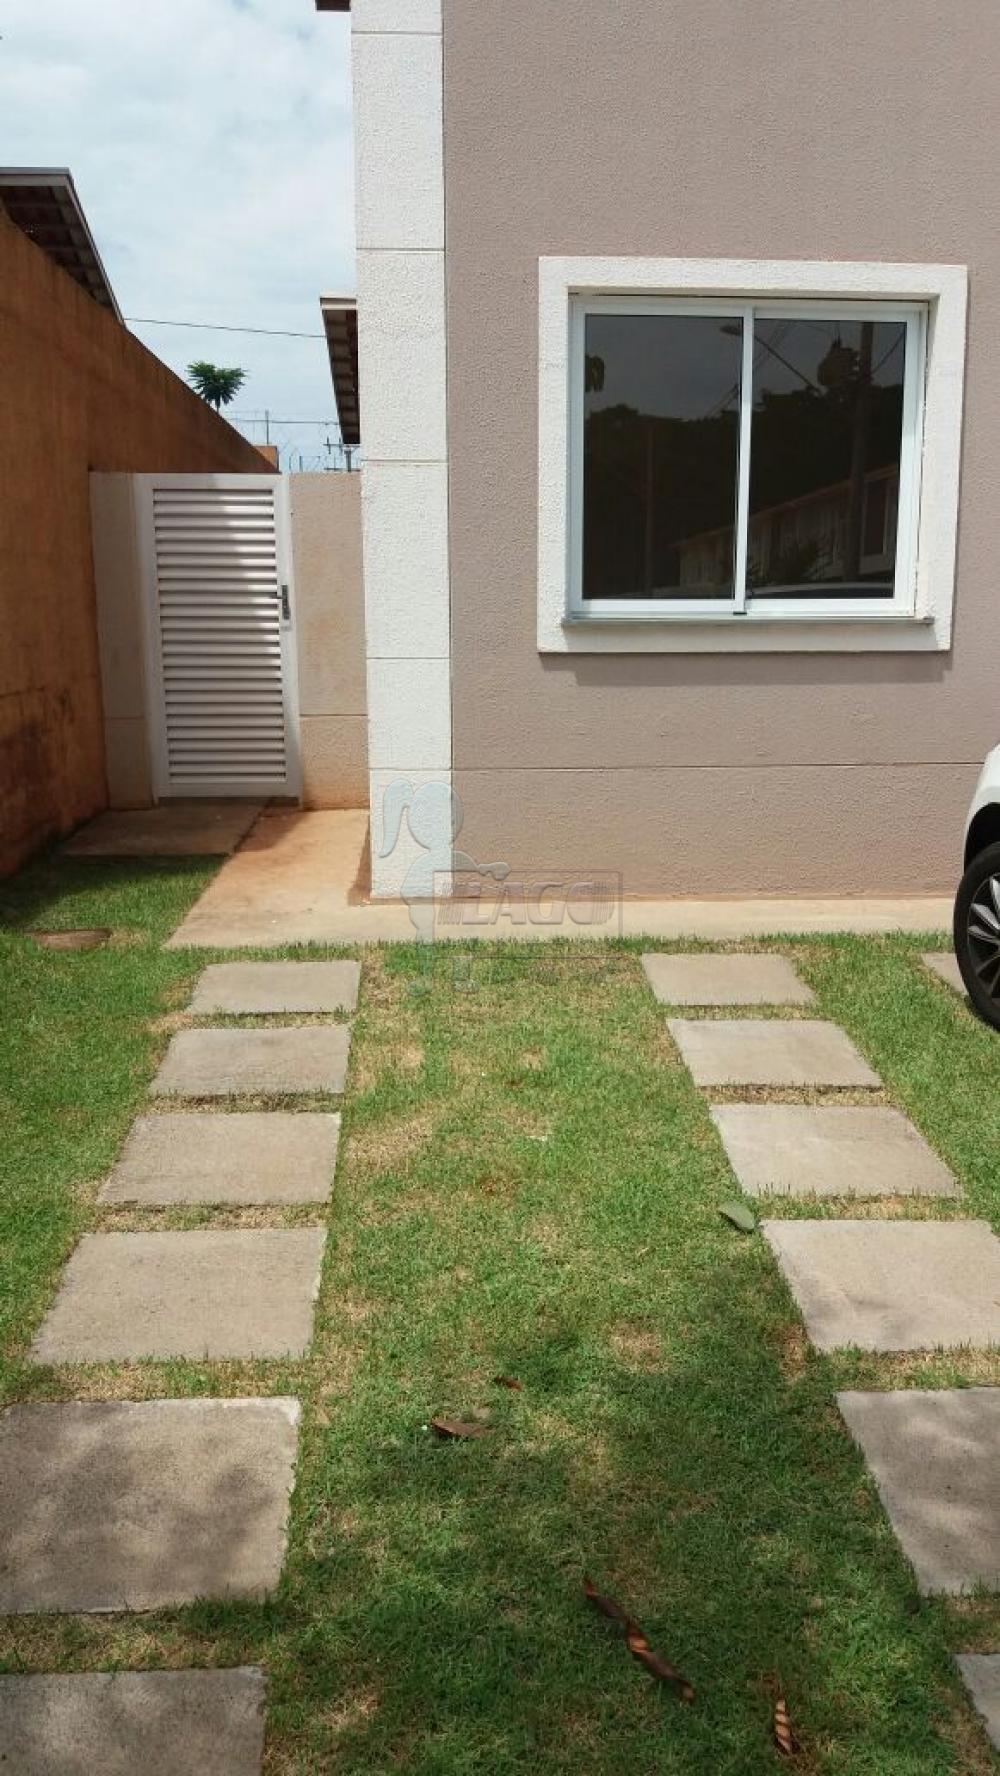 Alugar Casas / Condomínio em Ribeirão Preto apenas R$ 2.000,00 - Foto 10